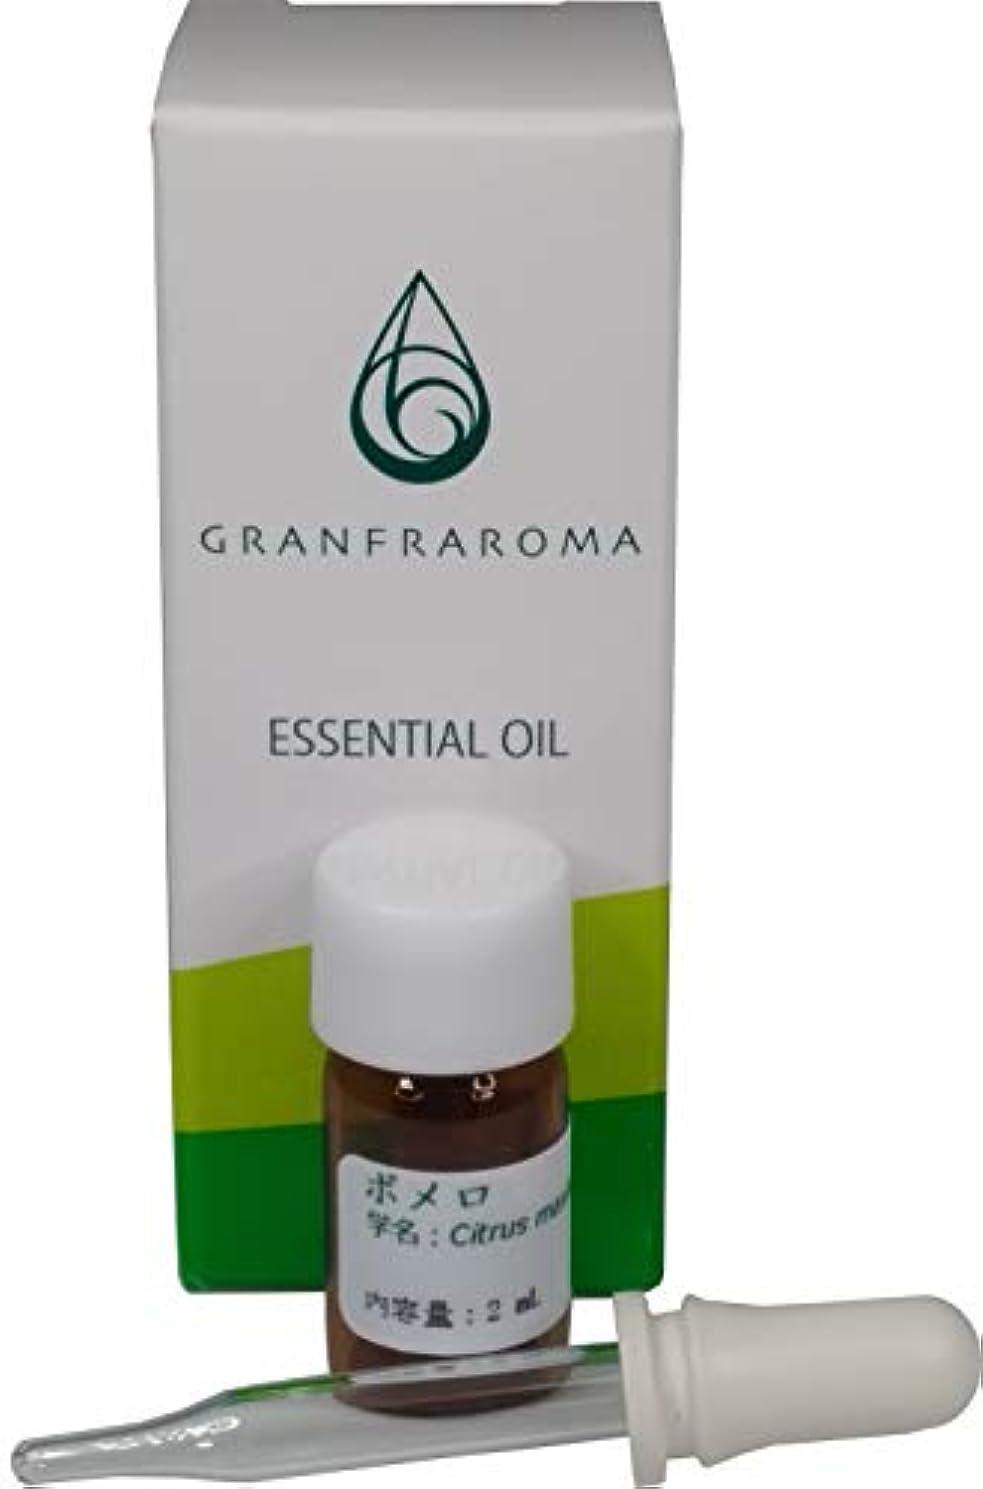 スキャンダラスホールドオールヒント(グランフラローマ)GRANFRAROMA 精油 ポメロ 溶剤抽出法 エッセンシャルオイル 2ml